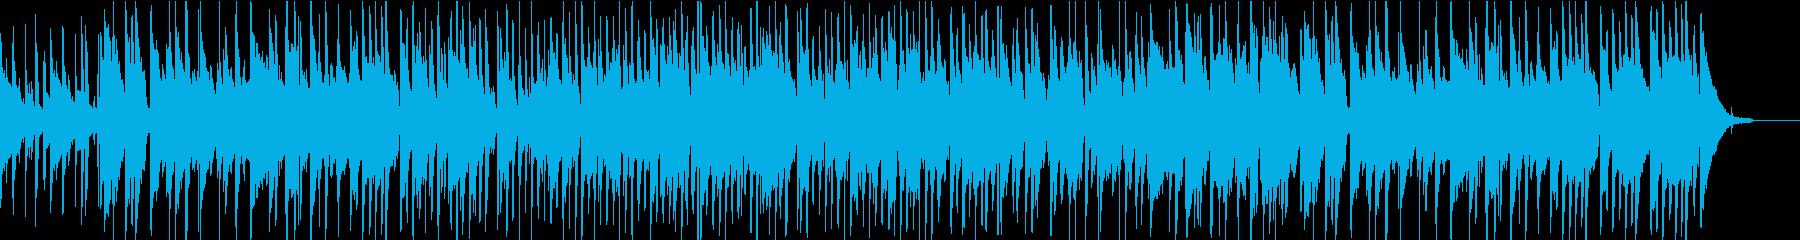 哀愁漂う渋めのミディアムジャズブルースの再生済みの波形